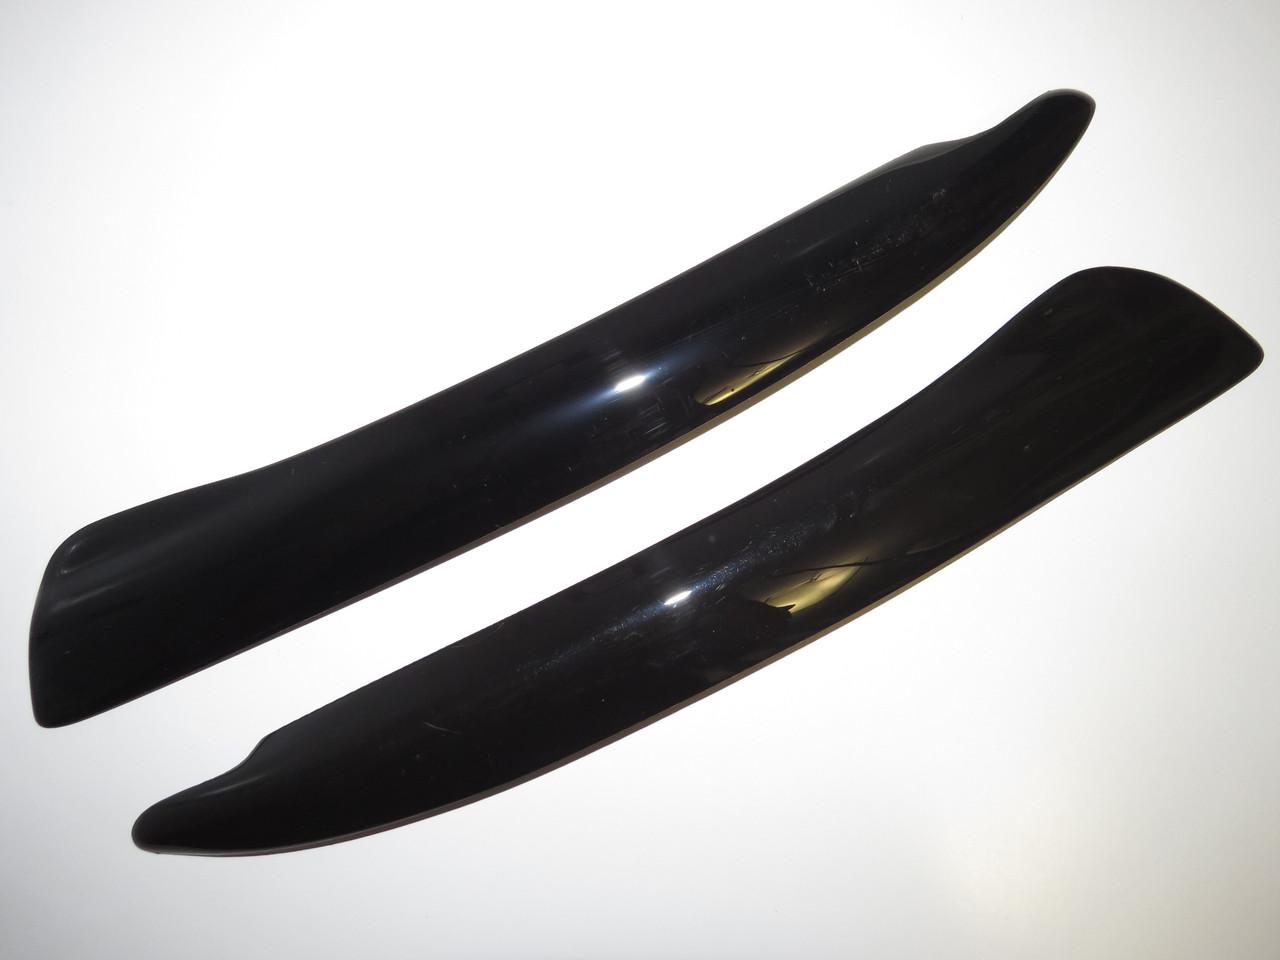 Ресницы на автомобильные фары Skoda Superb 2004-2008 Fly. Тюнинговые накладки на фары Шкода Суперб